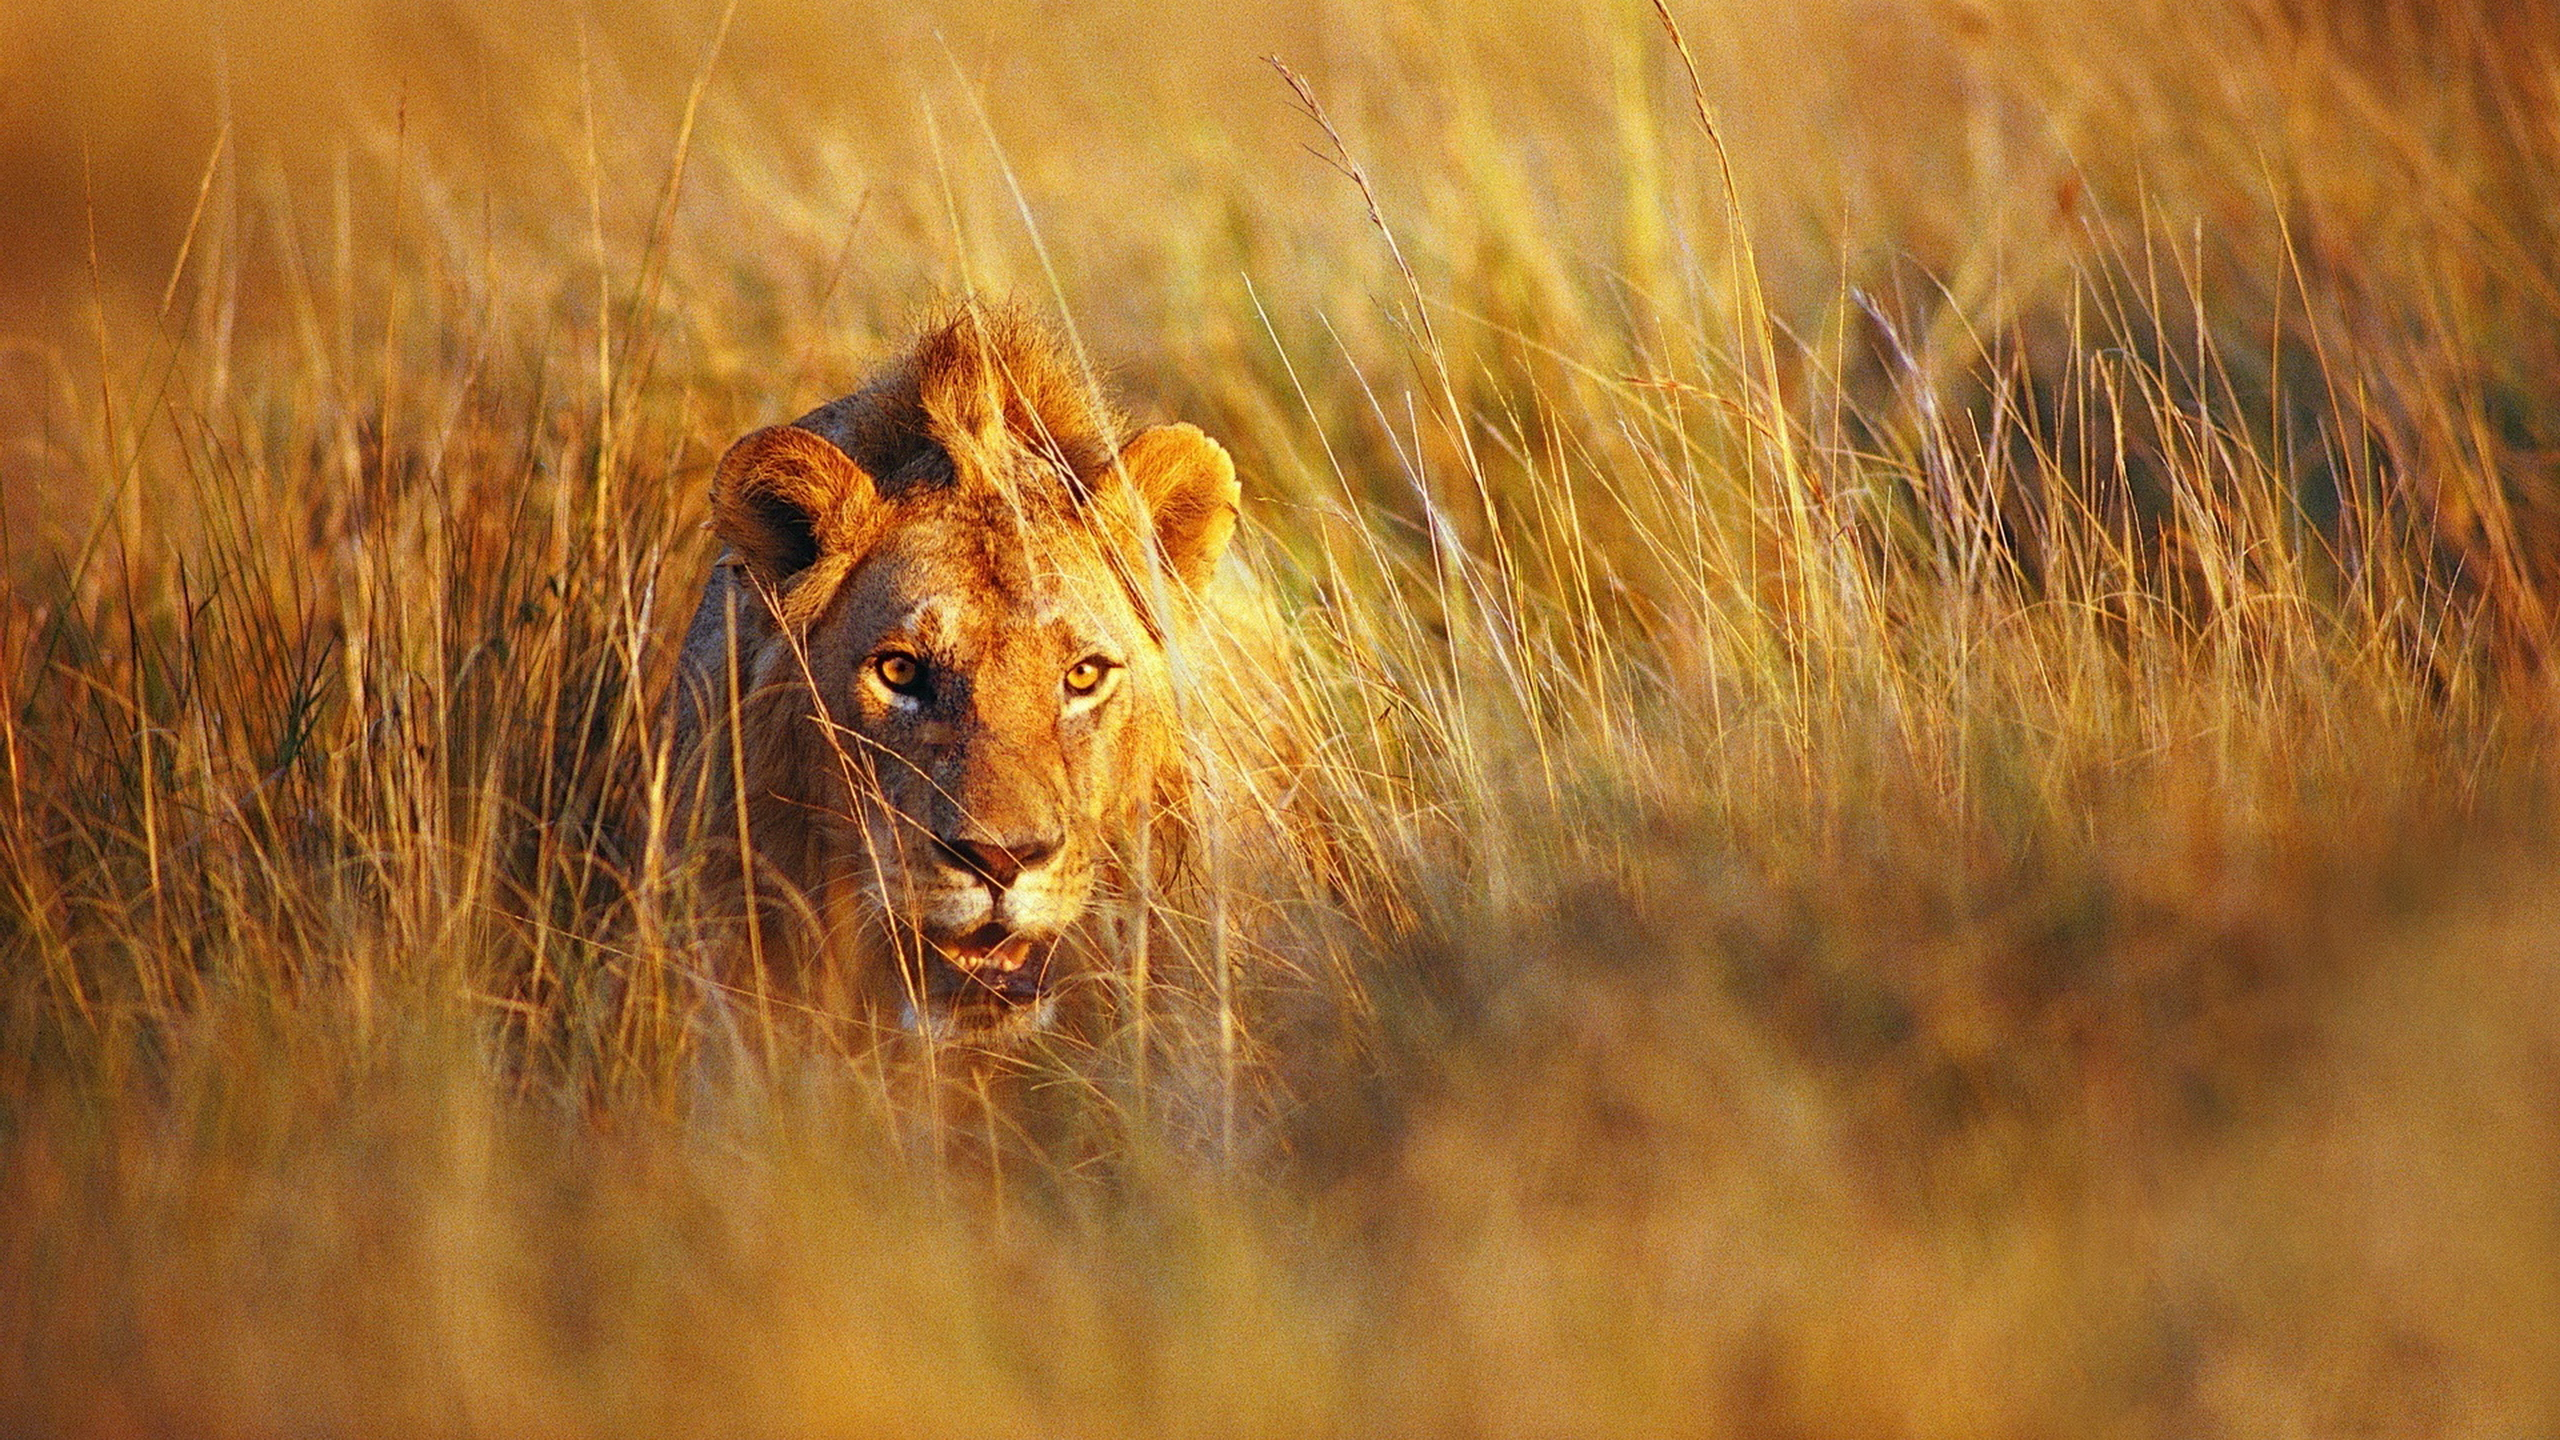 природа животное лев без смс